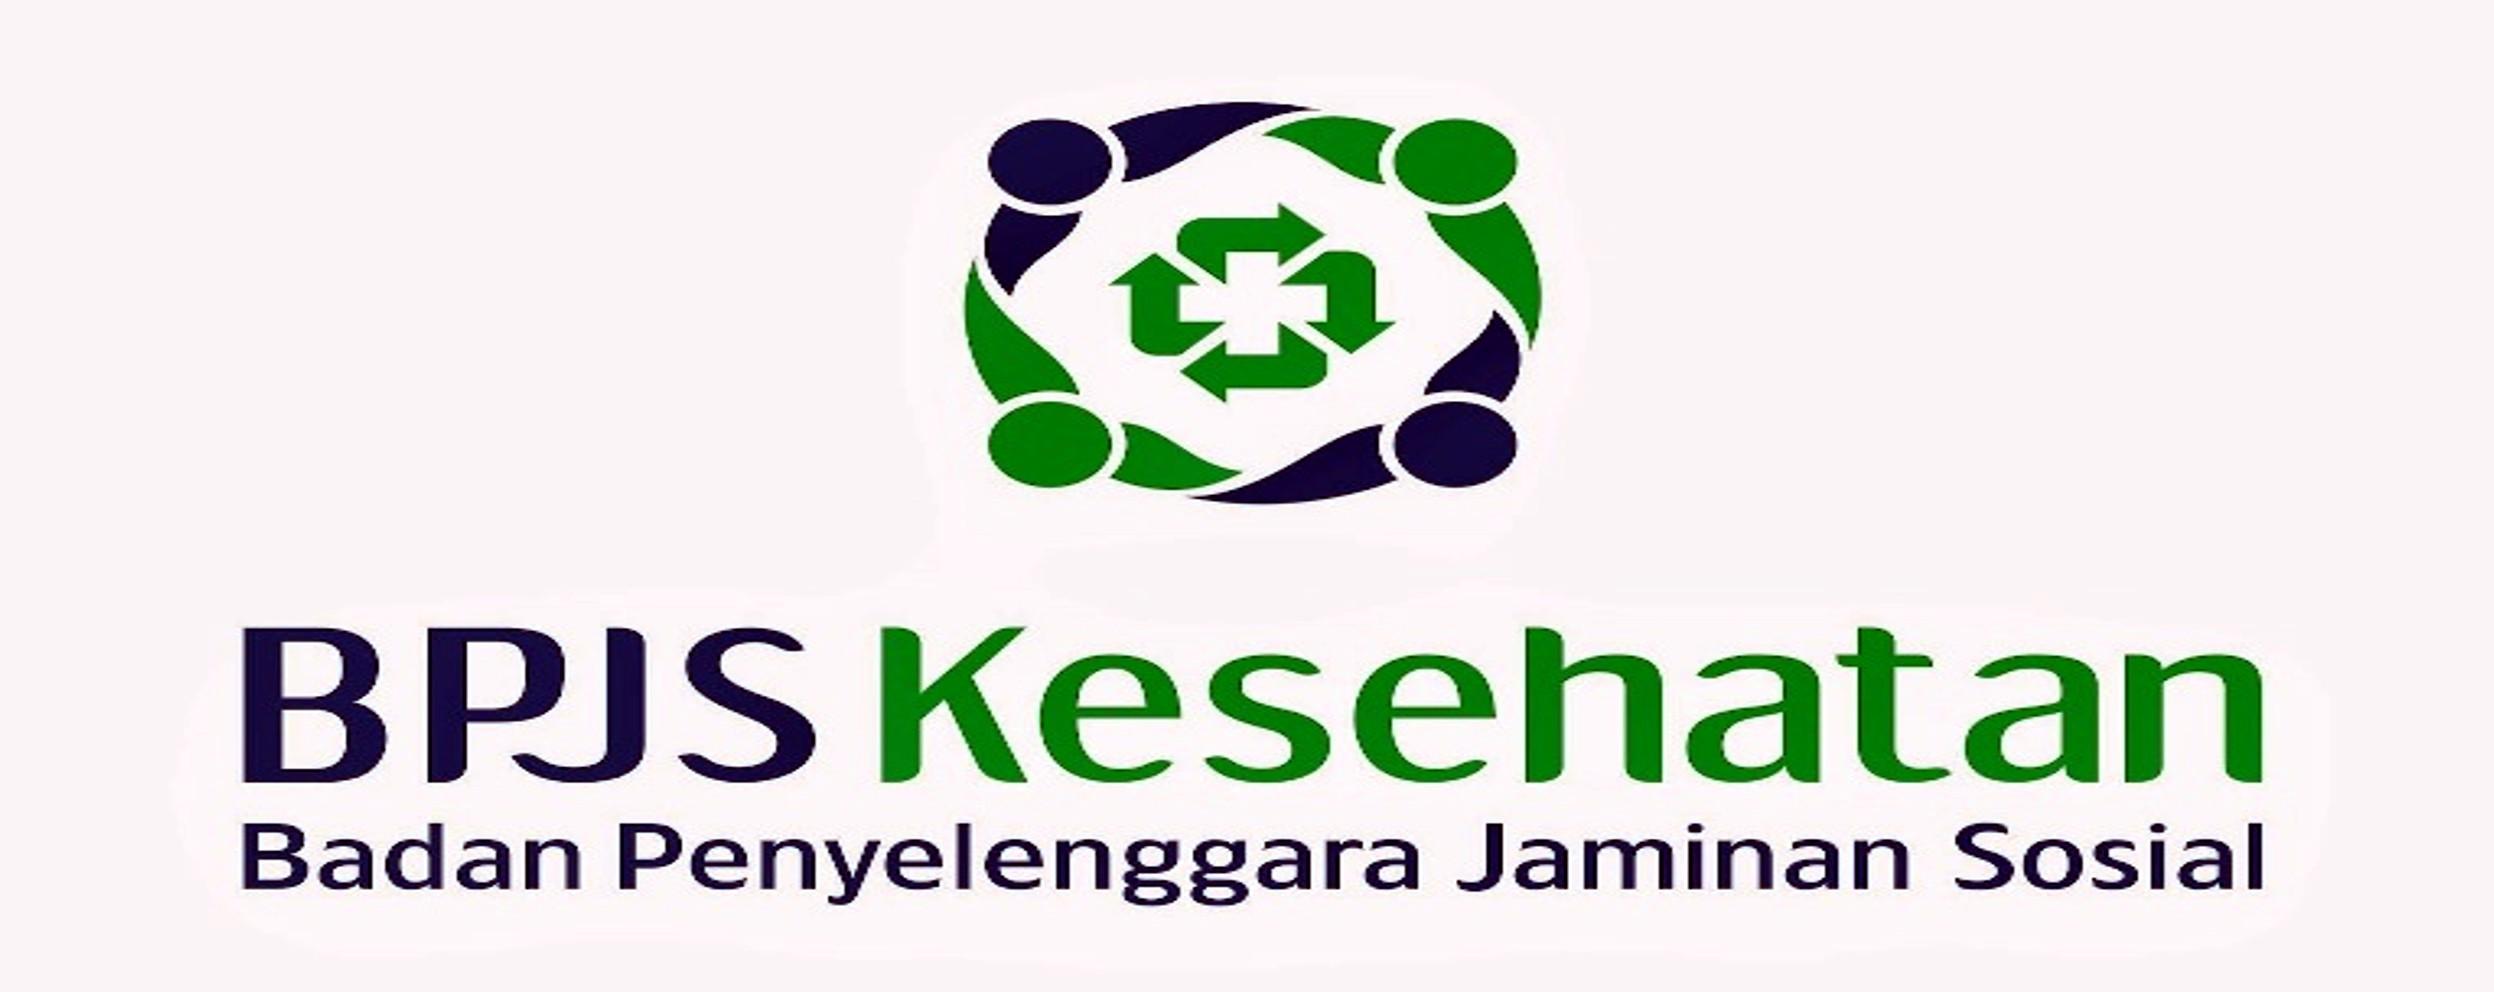 Logo_BPJS_Kesehatan 2